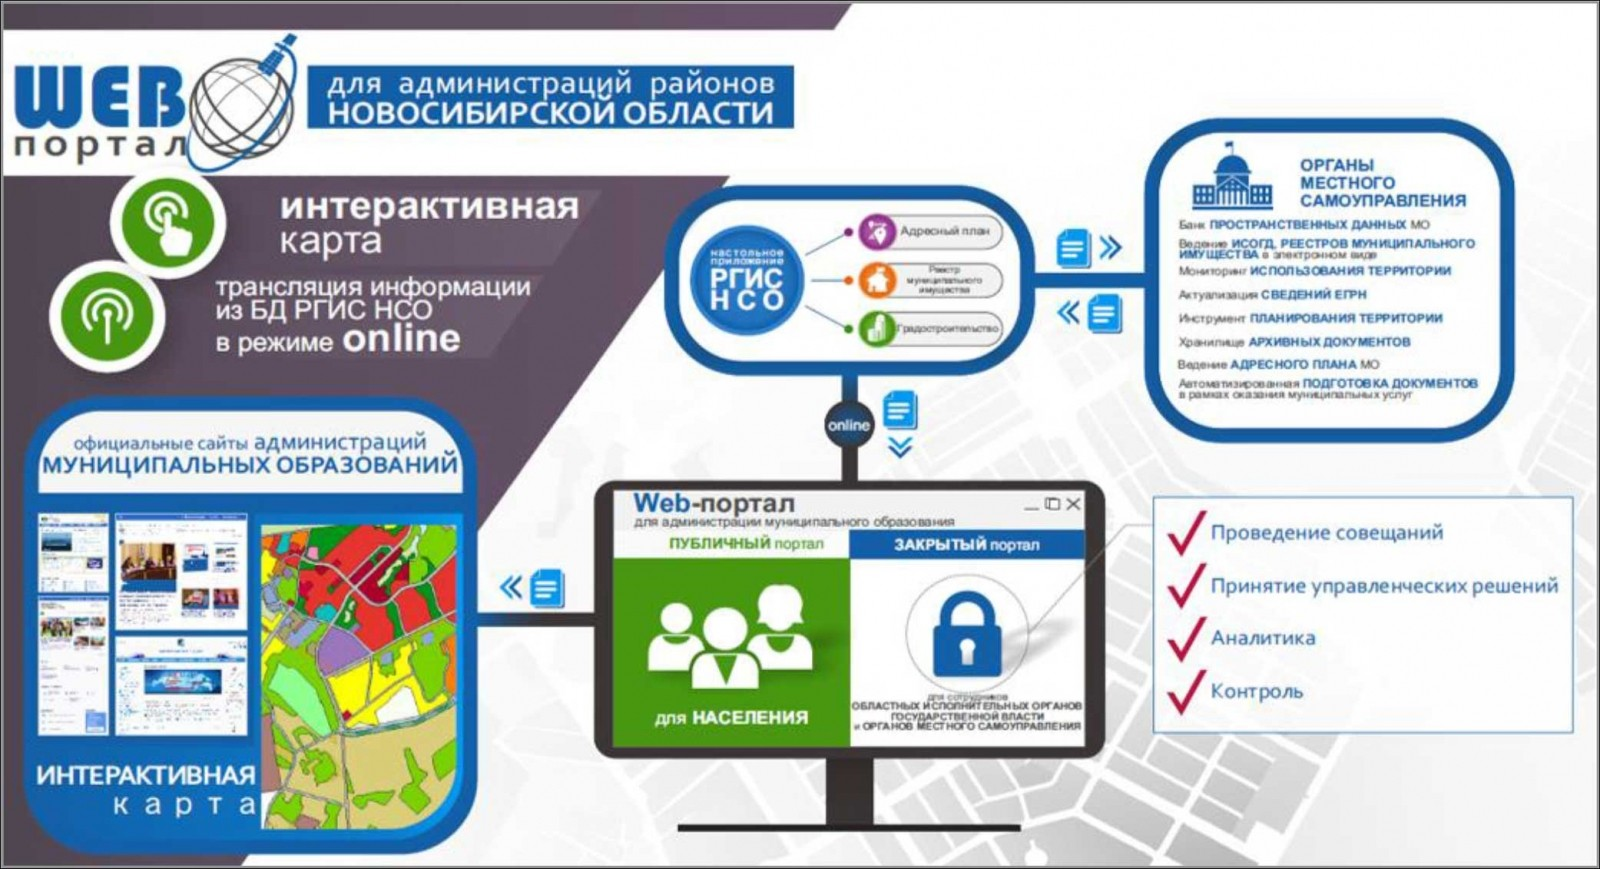 Итоги развития информационного общества в Новосибирской области в 2017 году